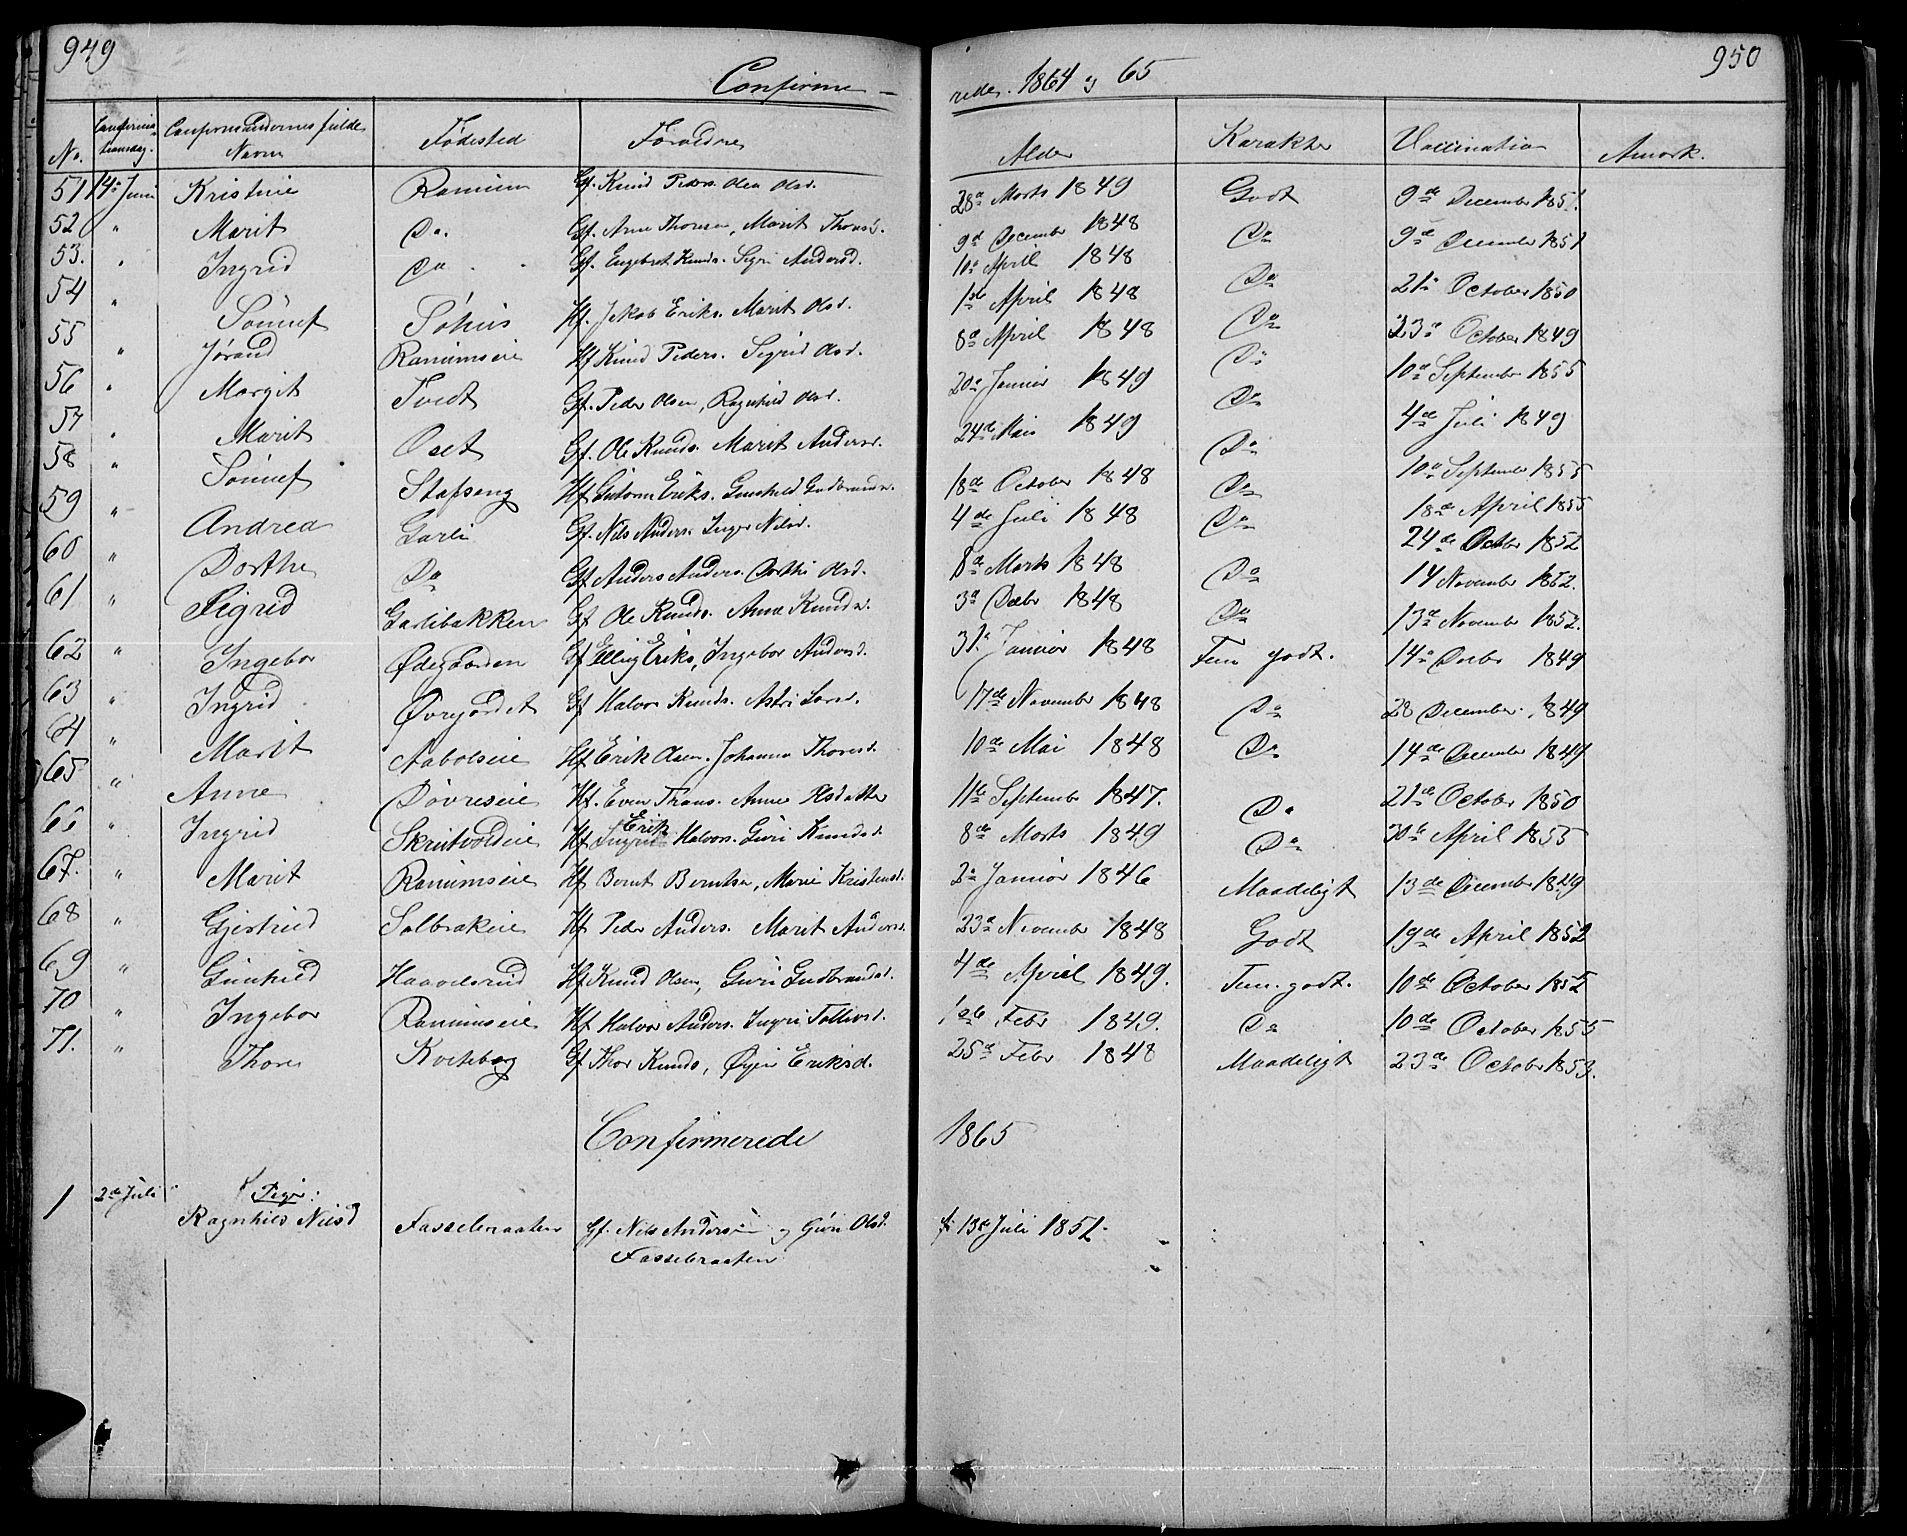 SAH, Nord-Aurdal prestekontor, Klokkerbok nr. 1, 1834-1887, s. 949-950